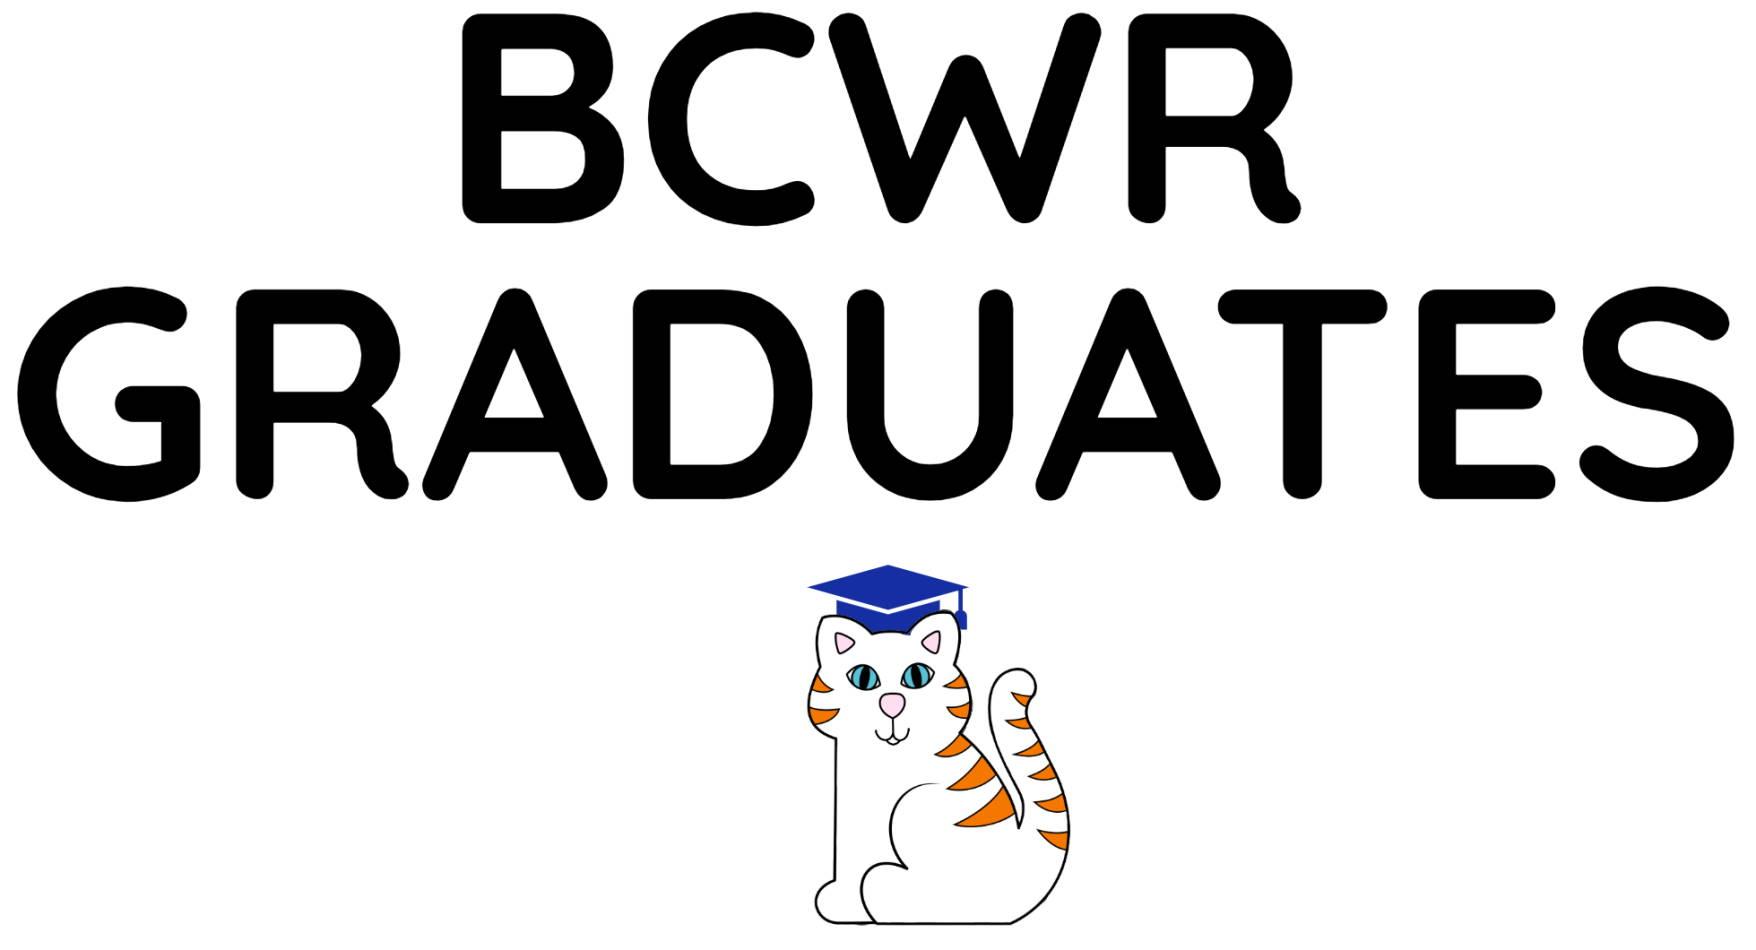 BCWR Graduates WIDE_MOBILE (1)